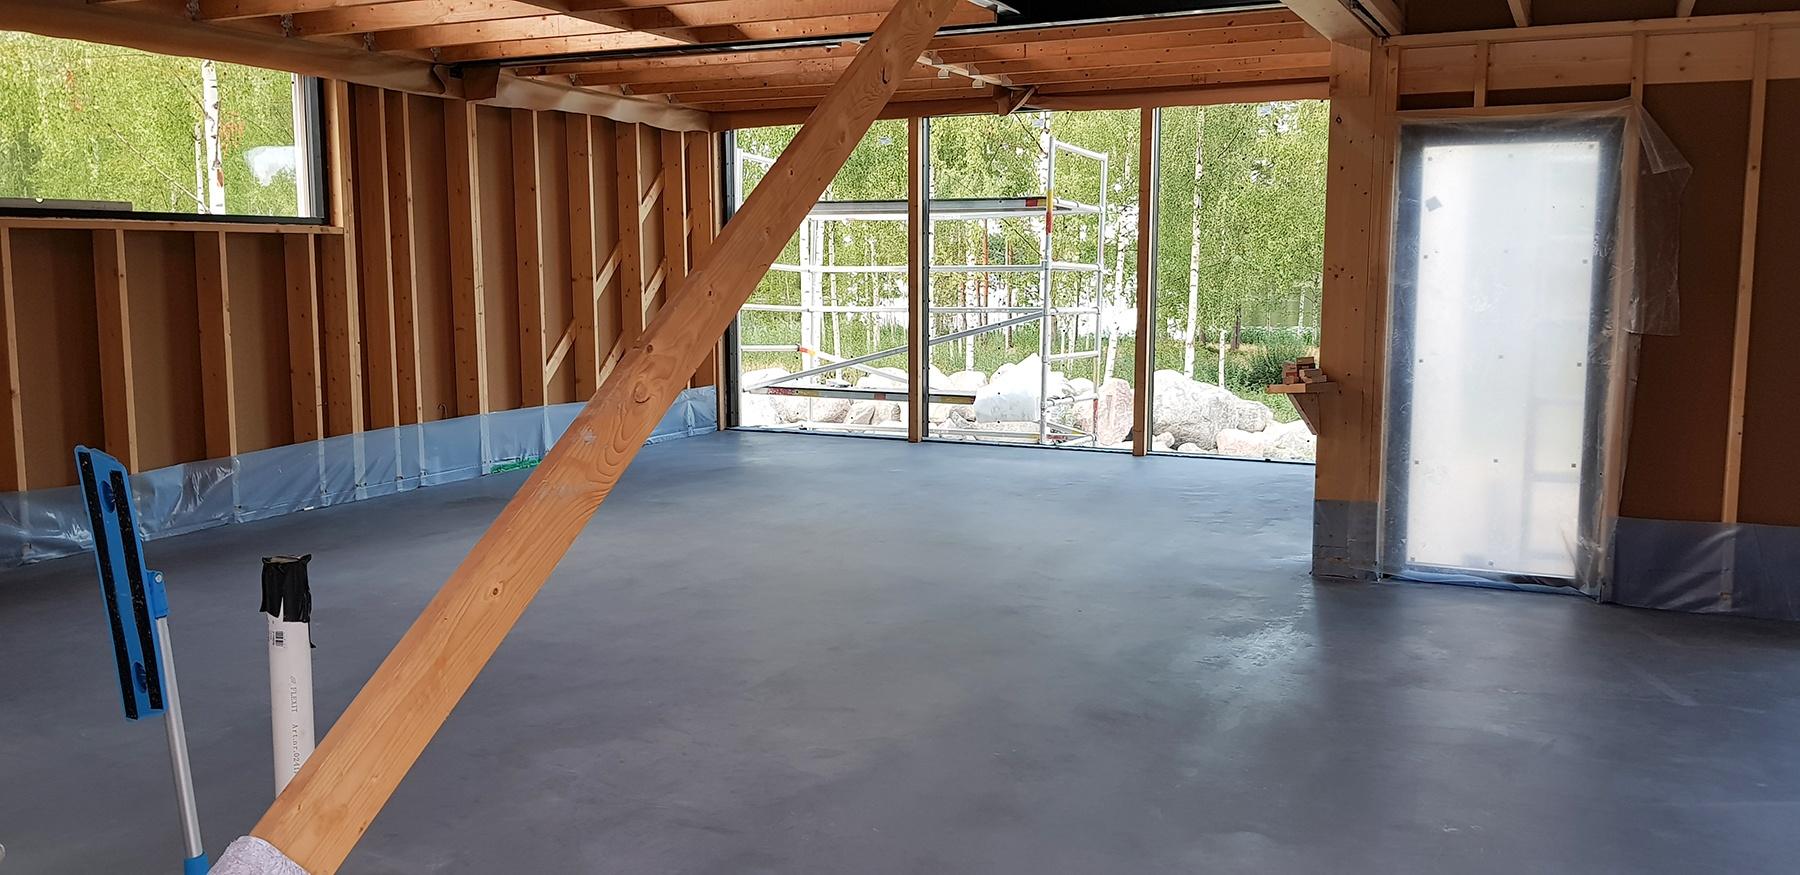 Kaikki-vaiheet-kuivasirotelattia-mikrosementtilattia-betonilattia-valmistamiseen-12